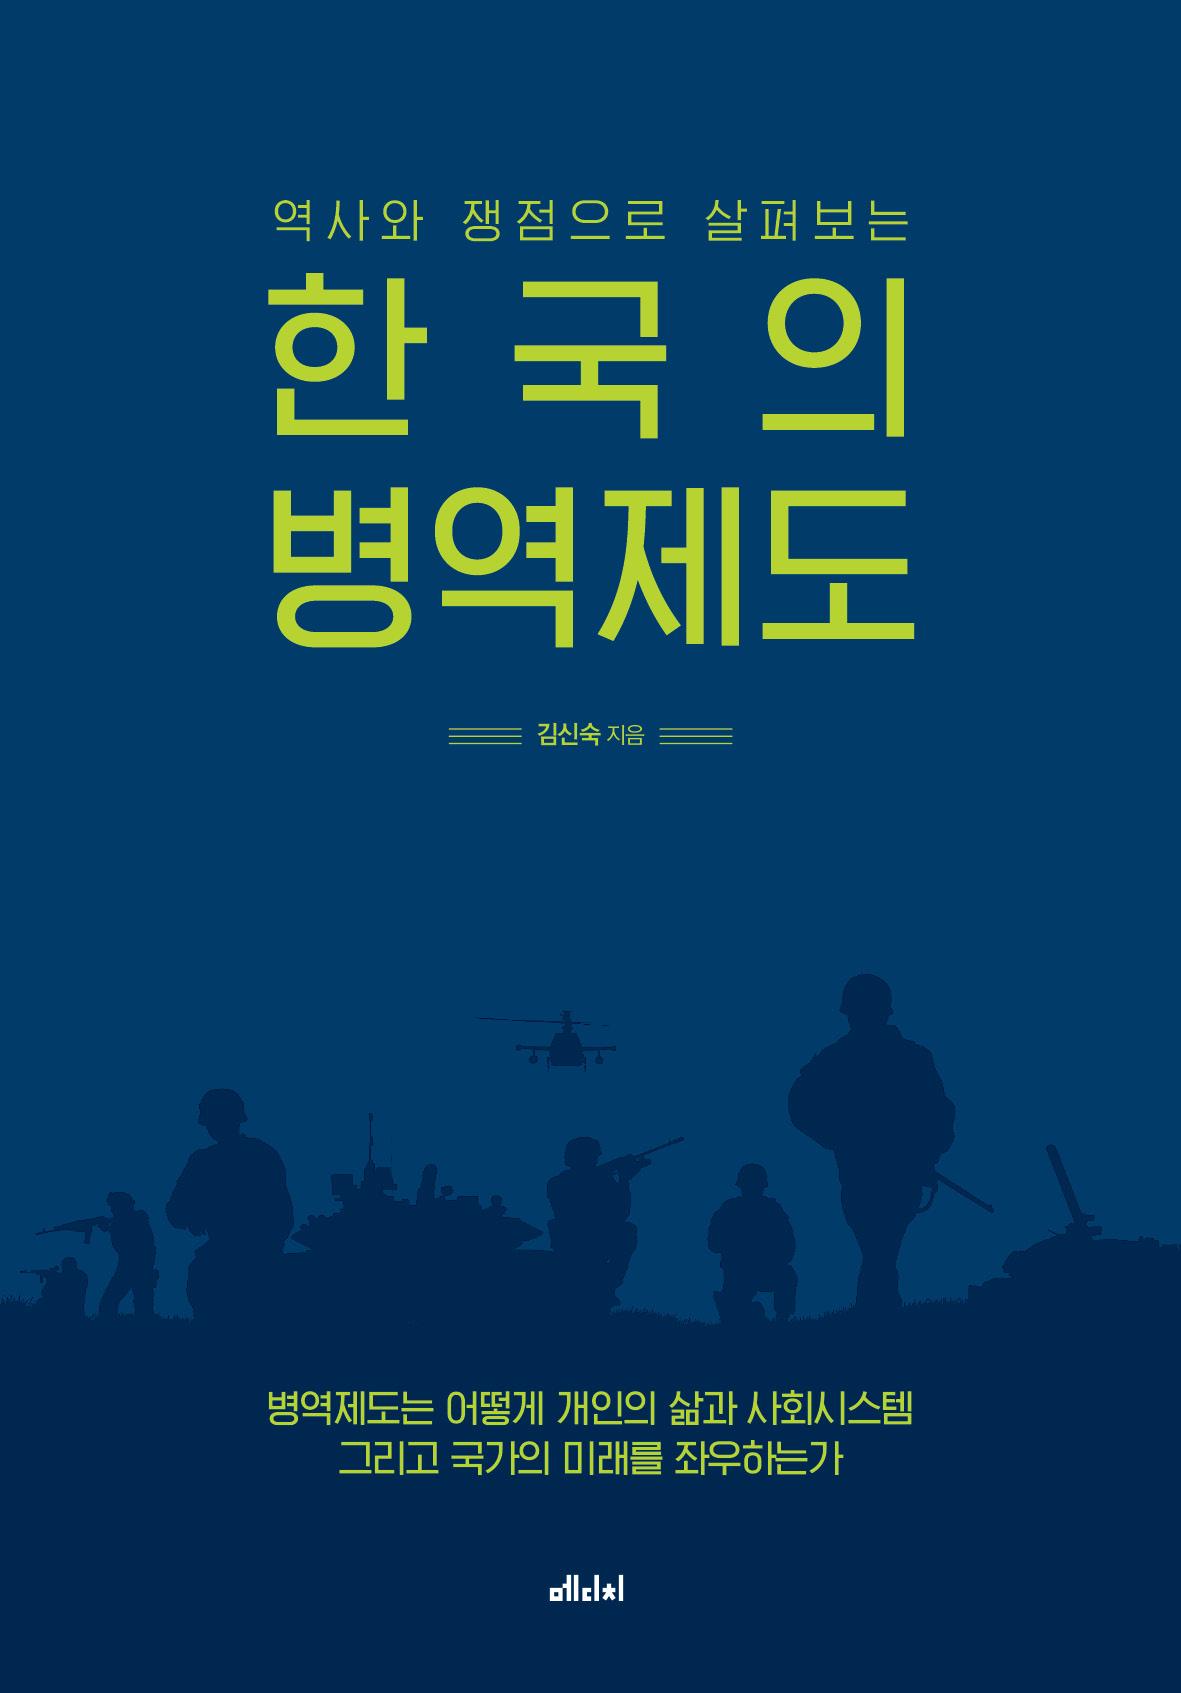 한국의 병역제도